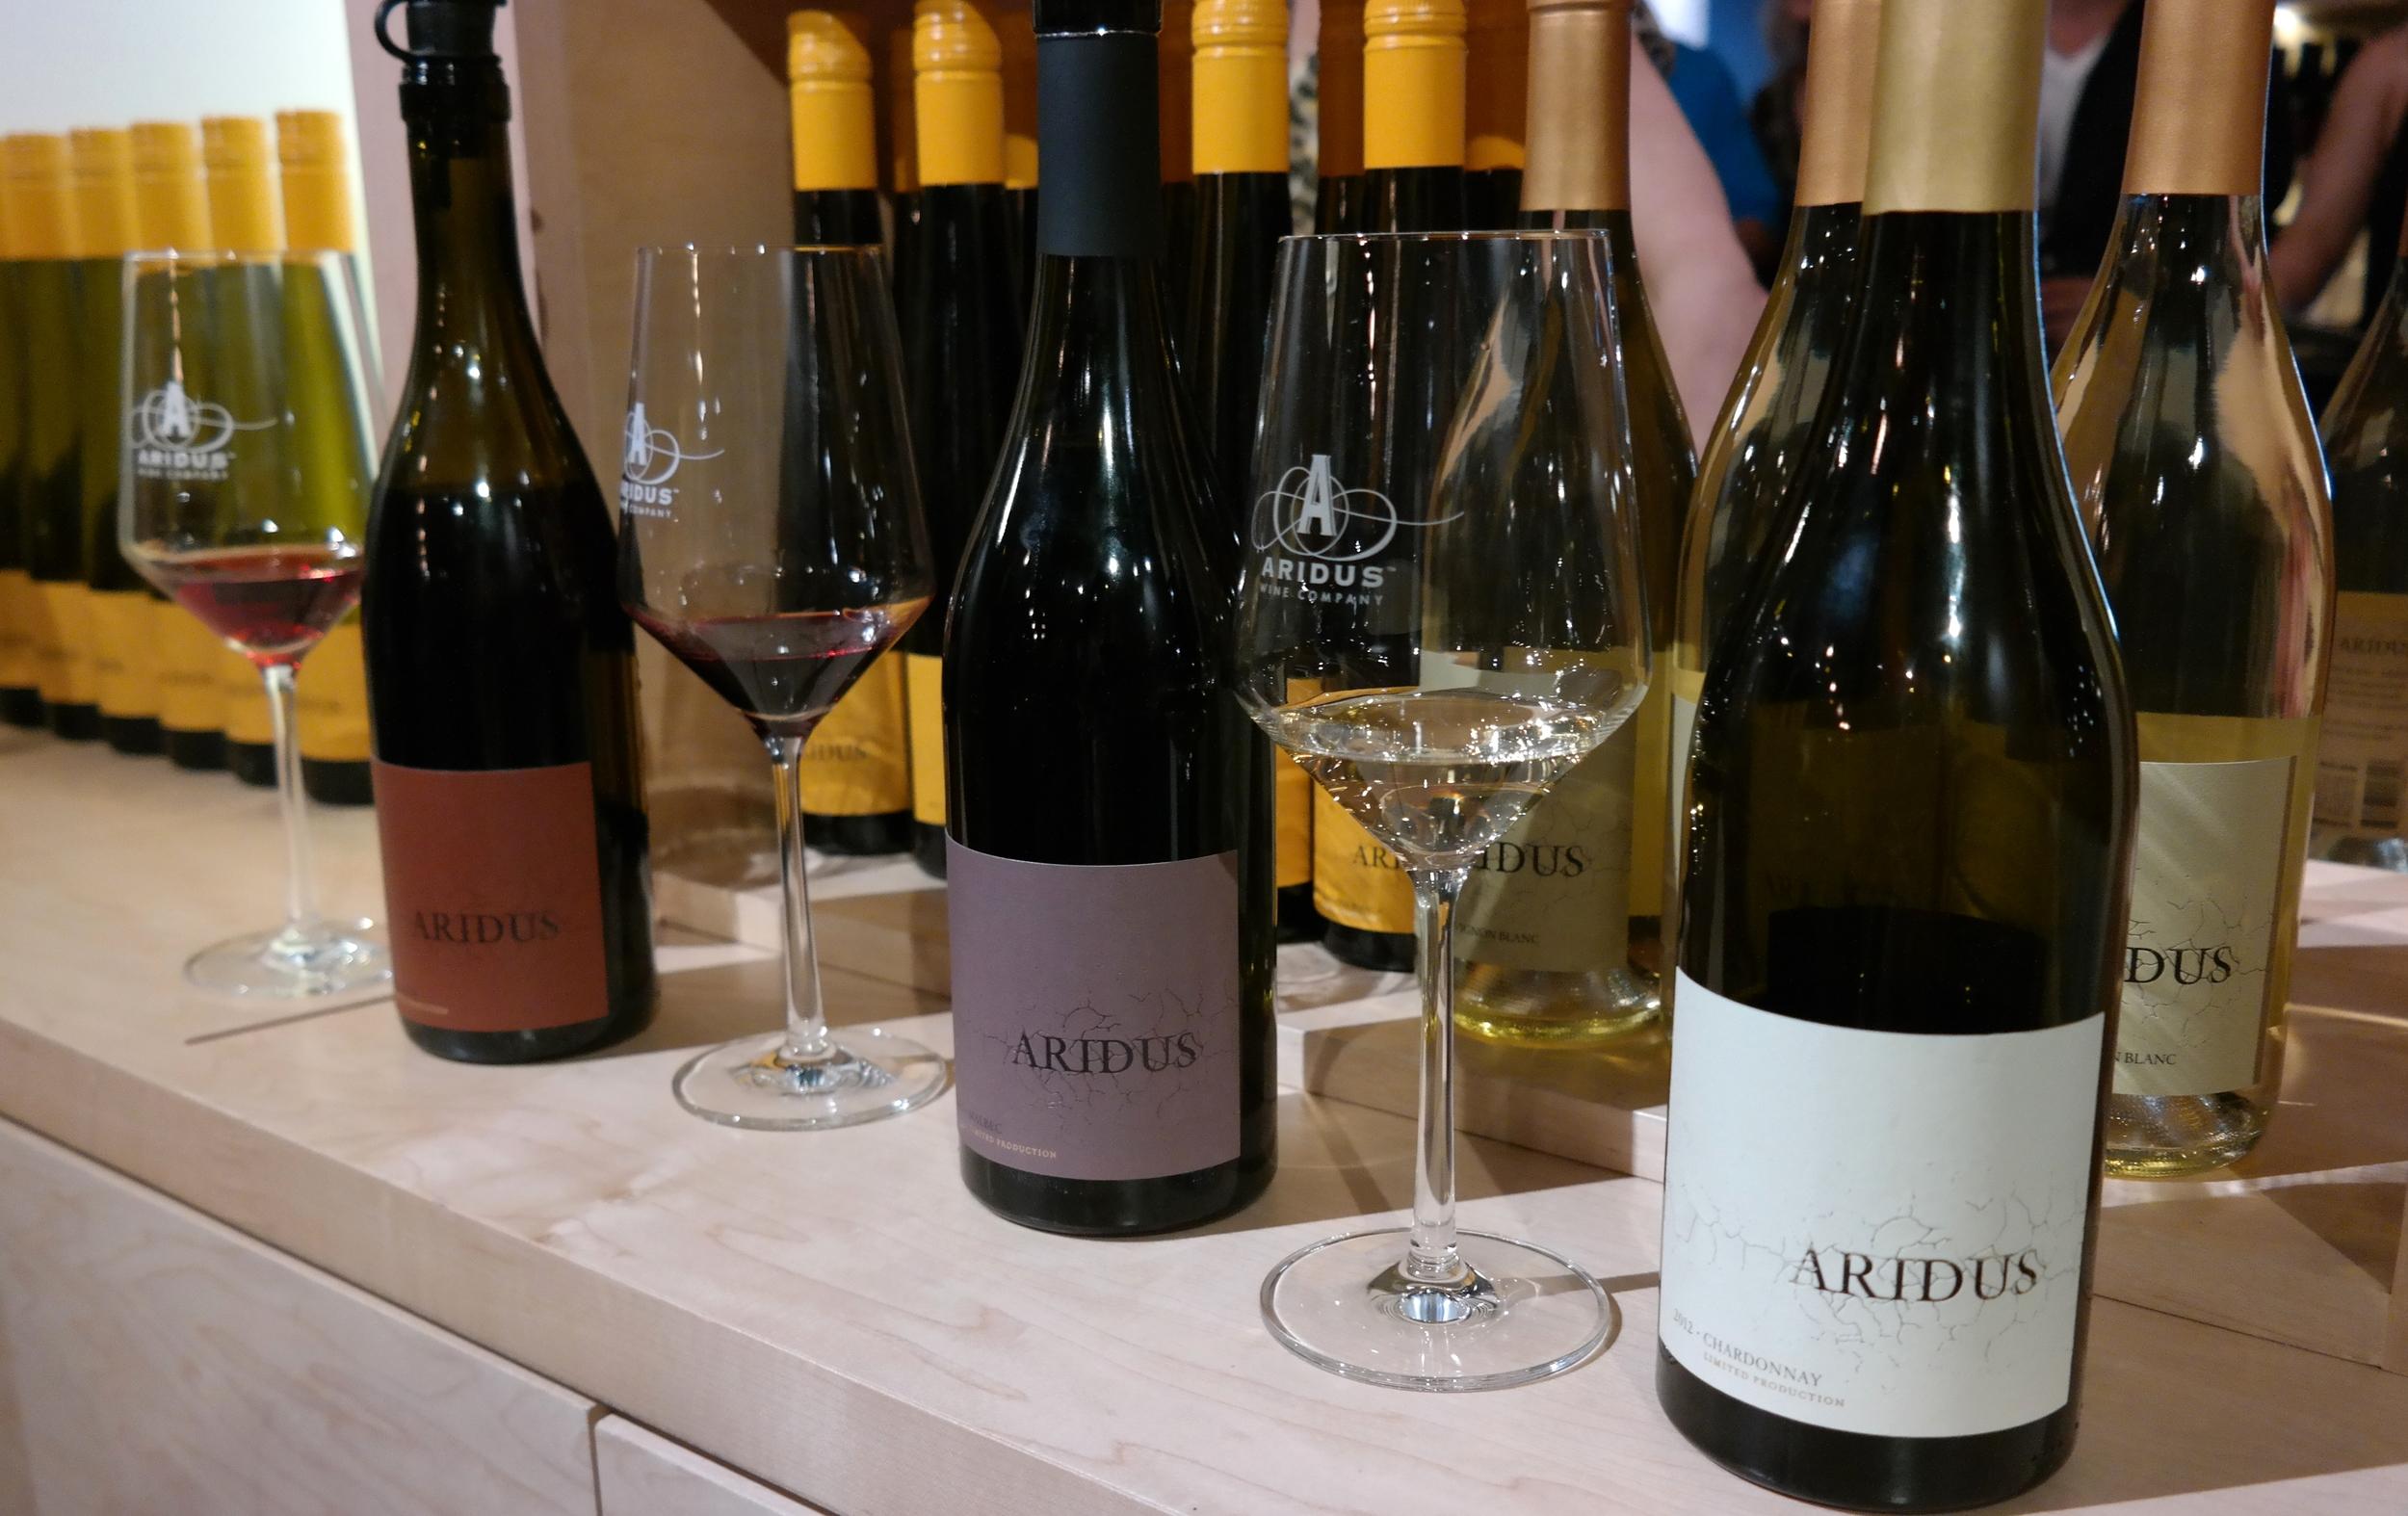 Aridus Wine Company Tasting Room